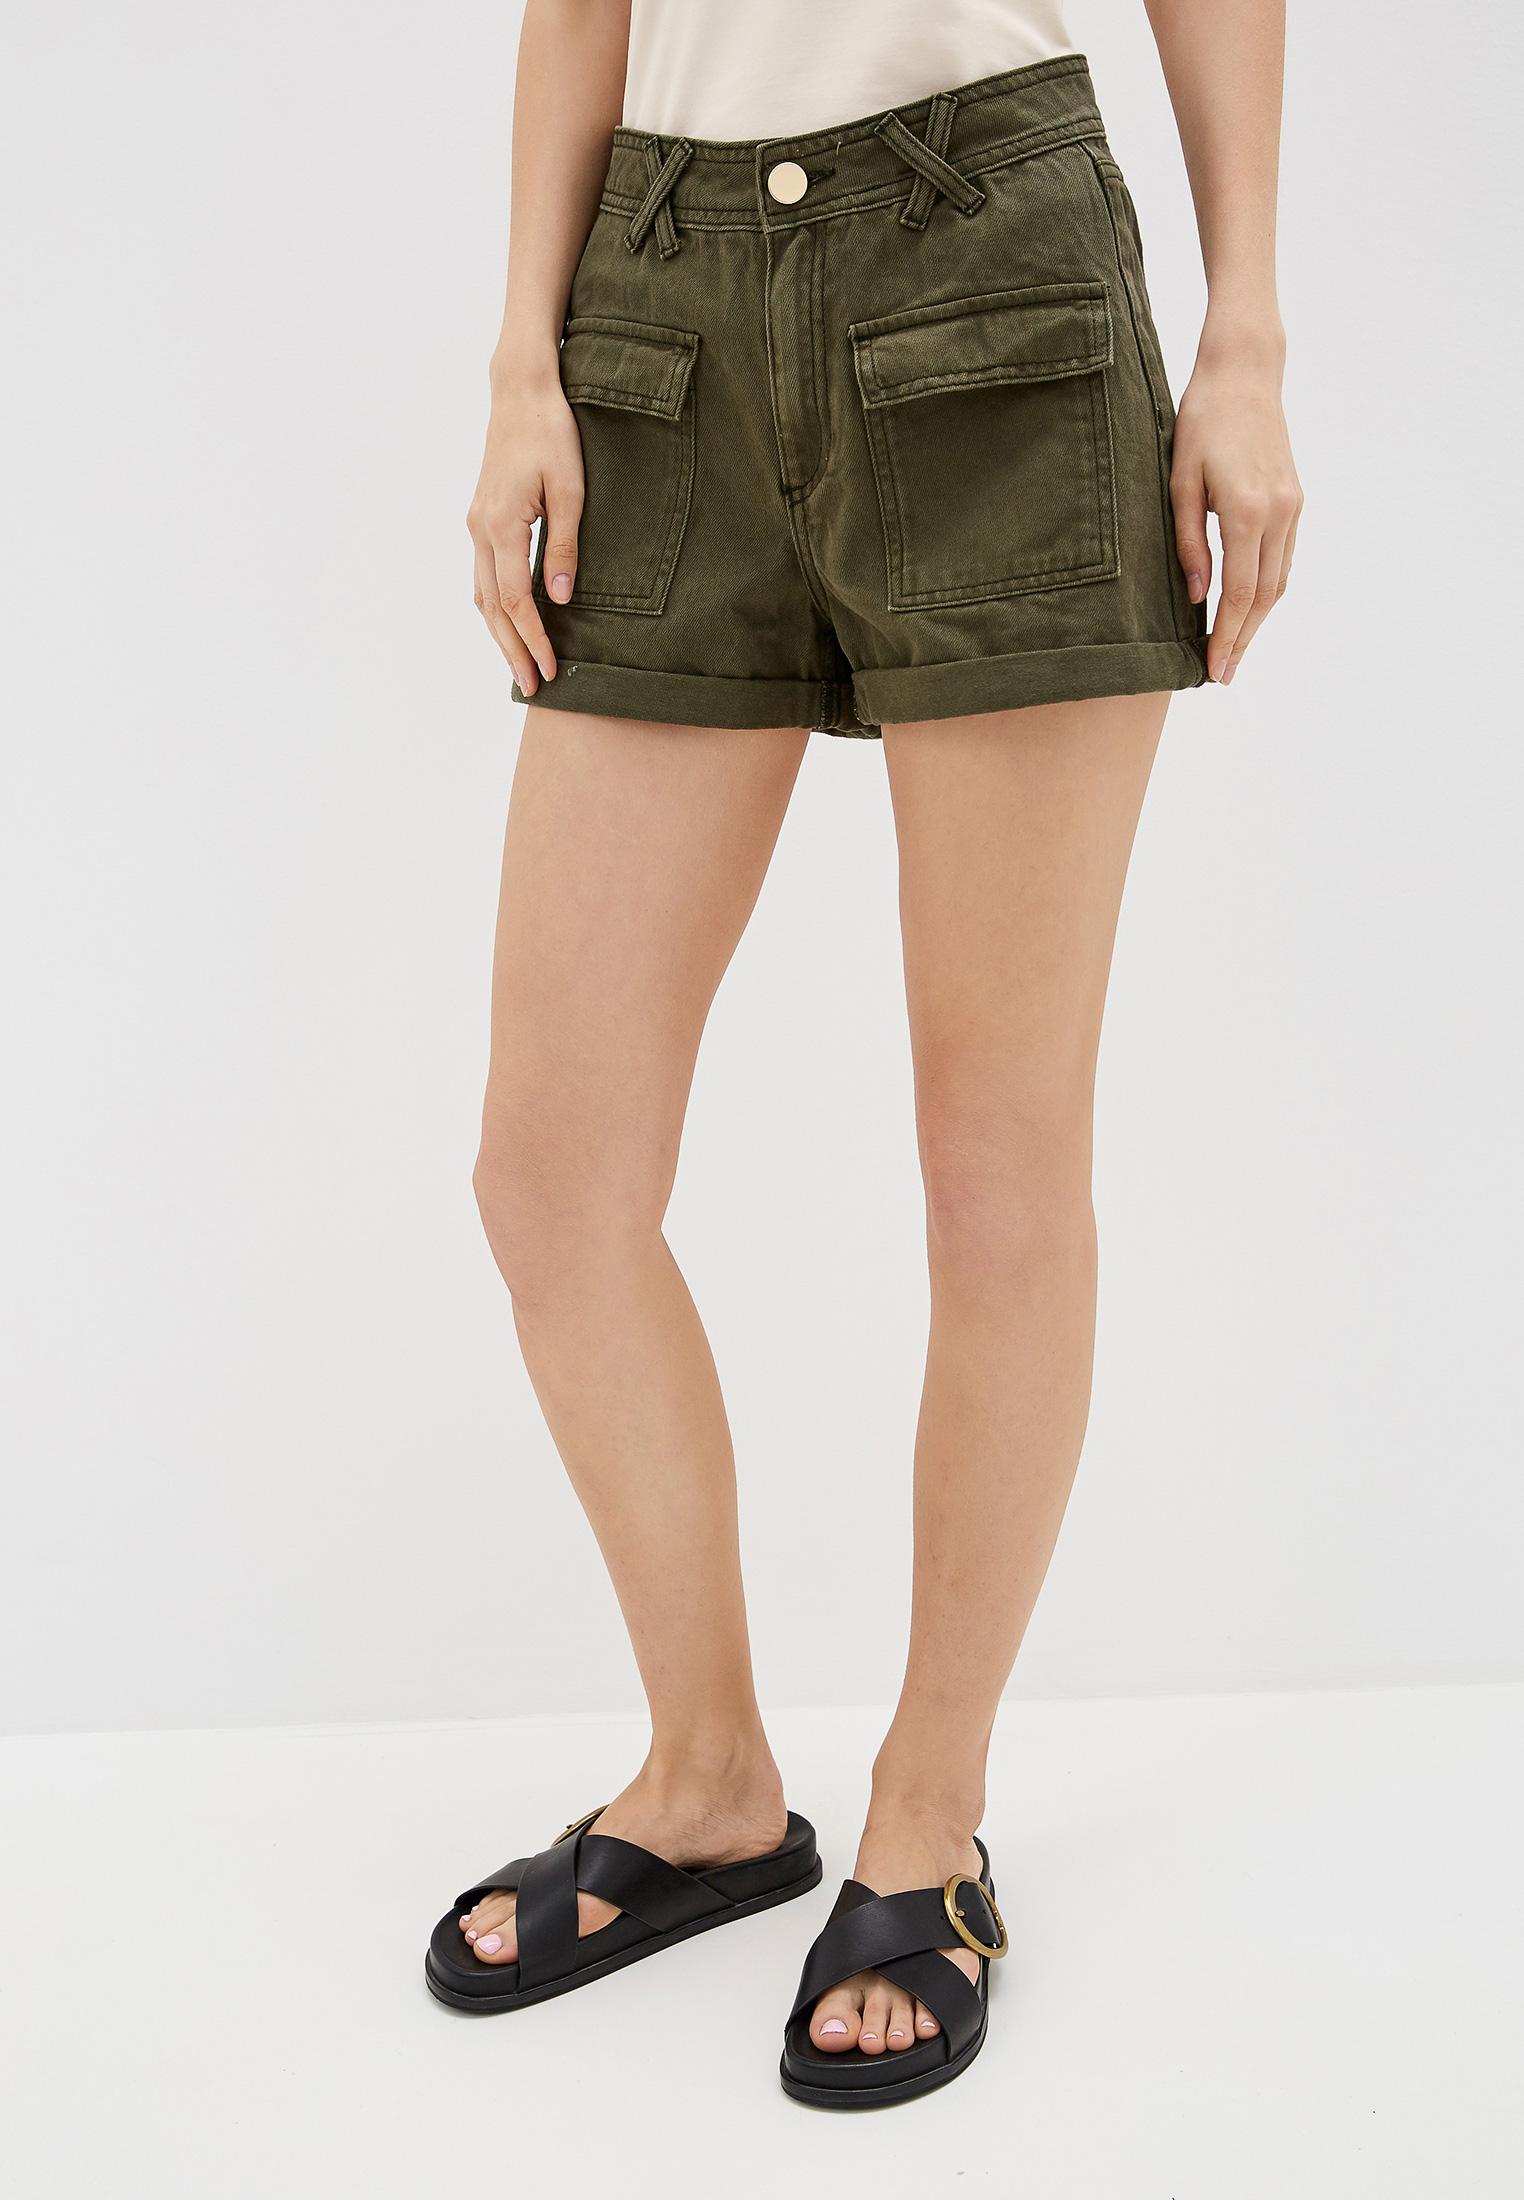 Женские джинсовые шорты River Island (Ривер Айленд) 734154